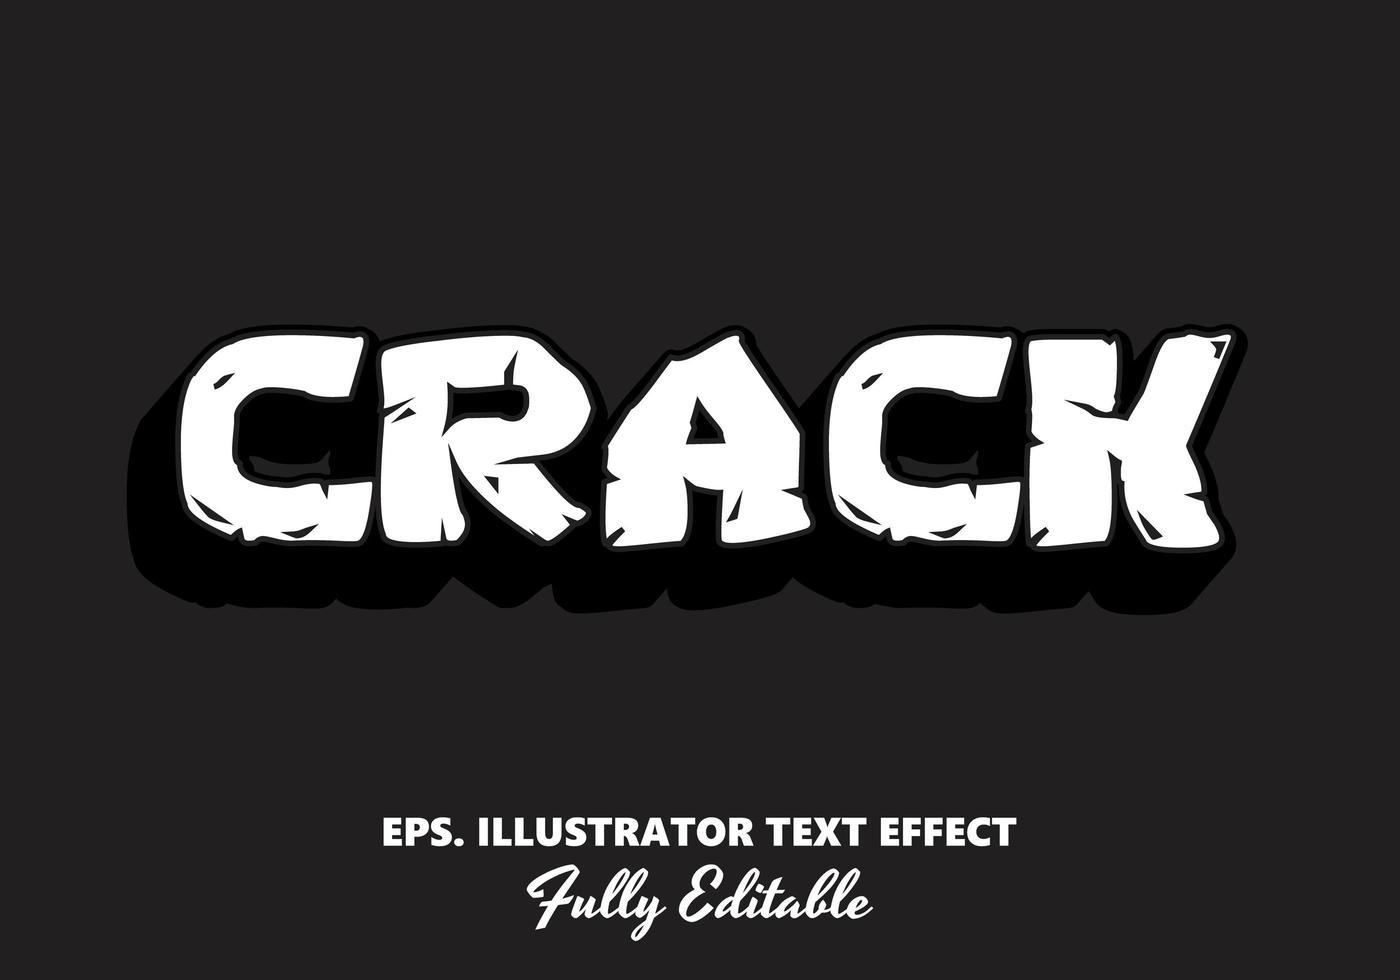 crack effet de texte modifiable ombre blanche et noire vecteur